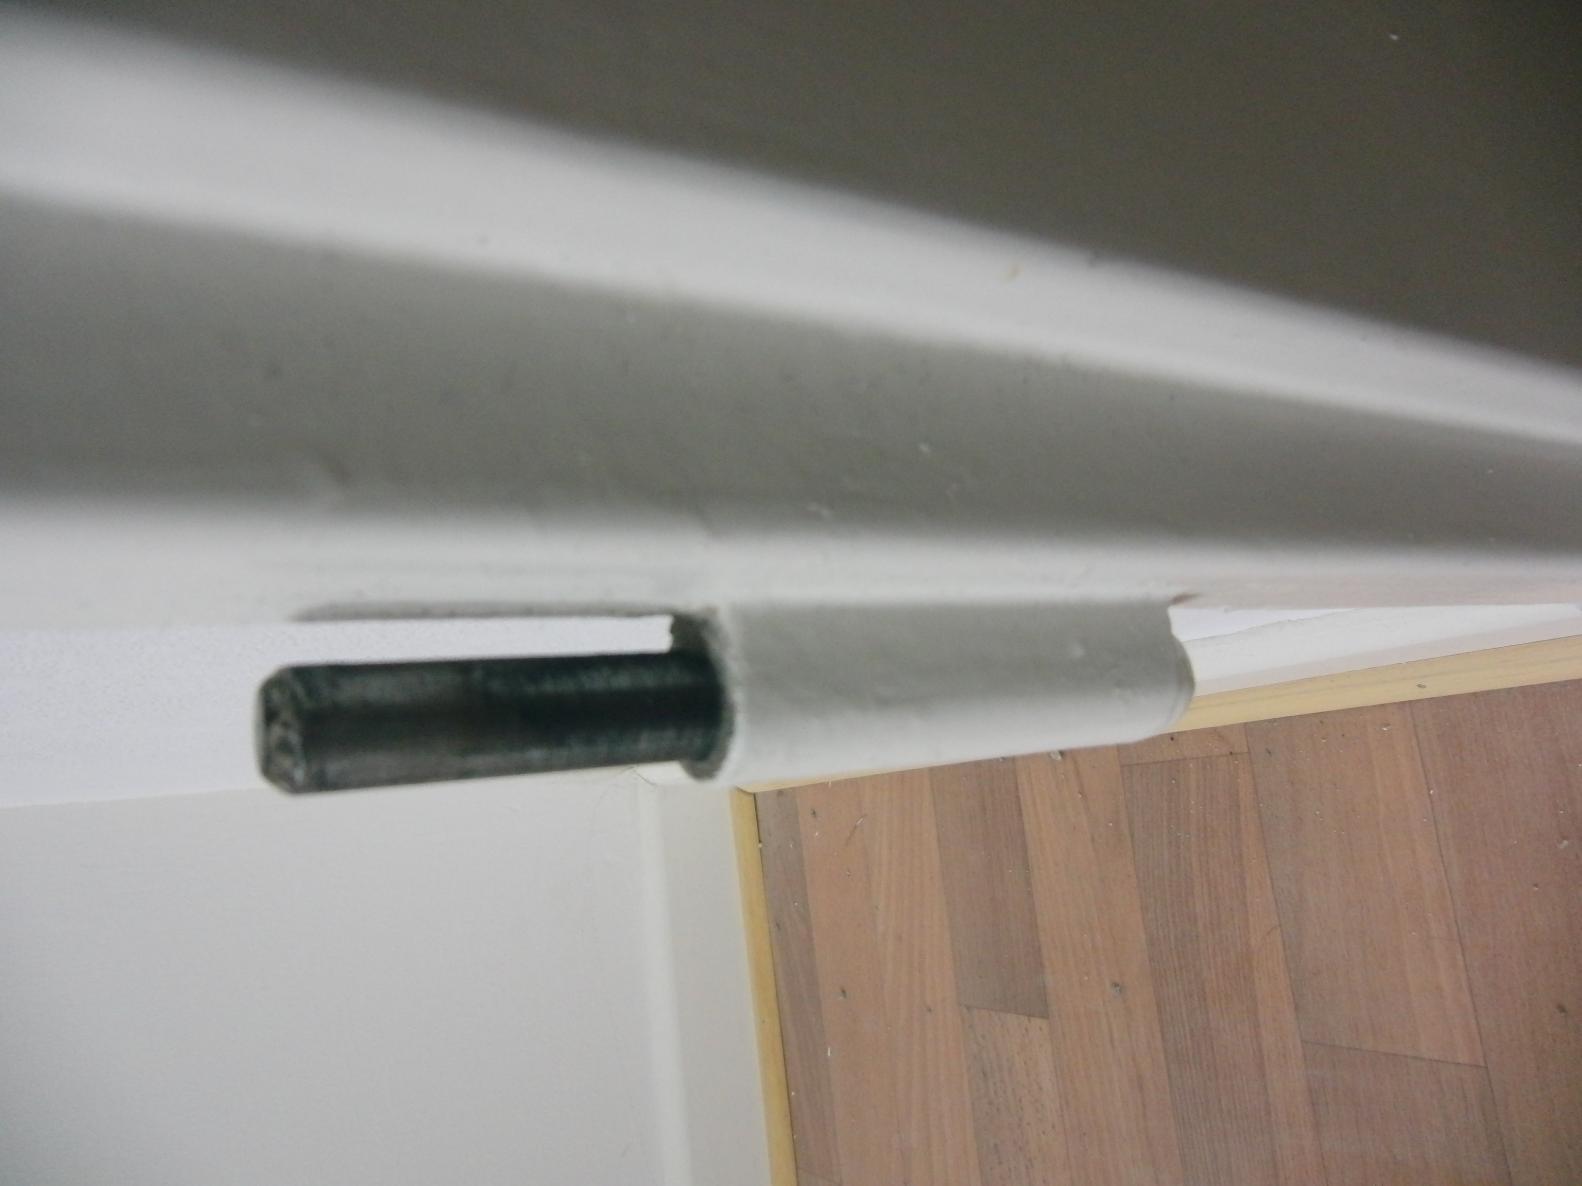 Blindabdeckung für Zimmertür Band - oder Zimmertürband ausbauen